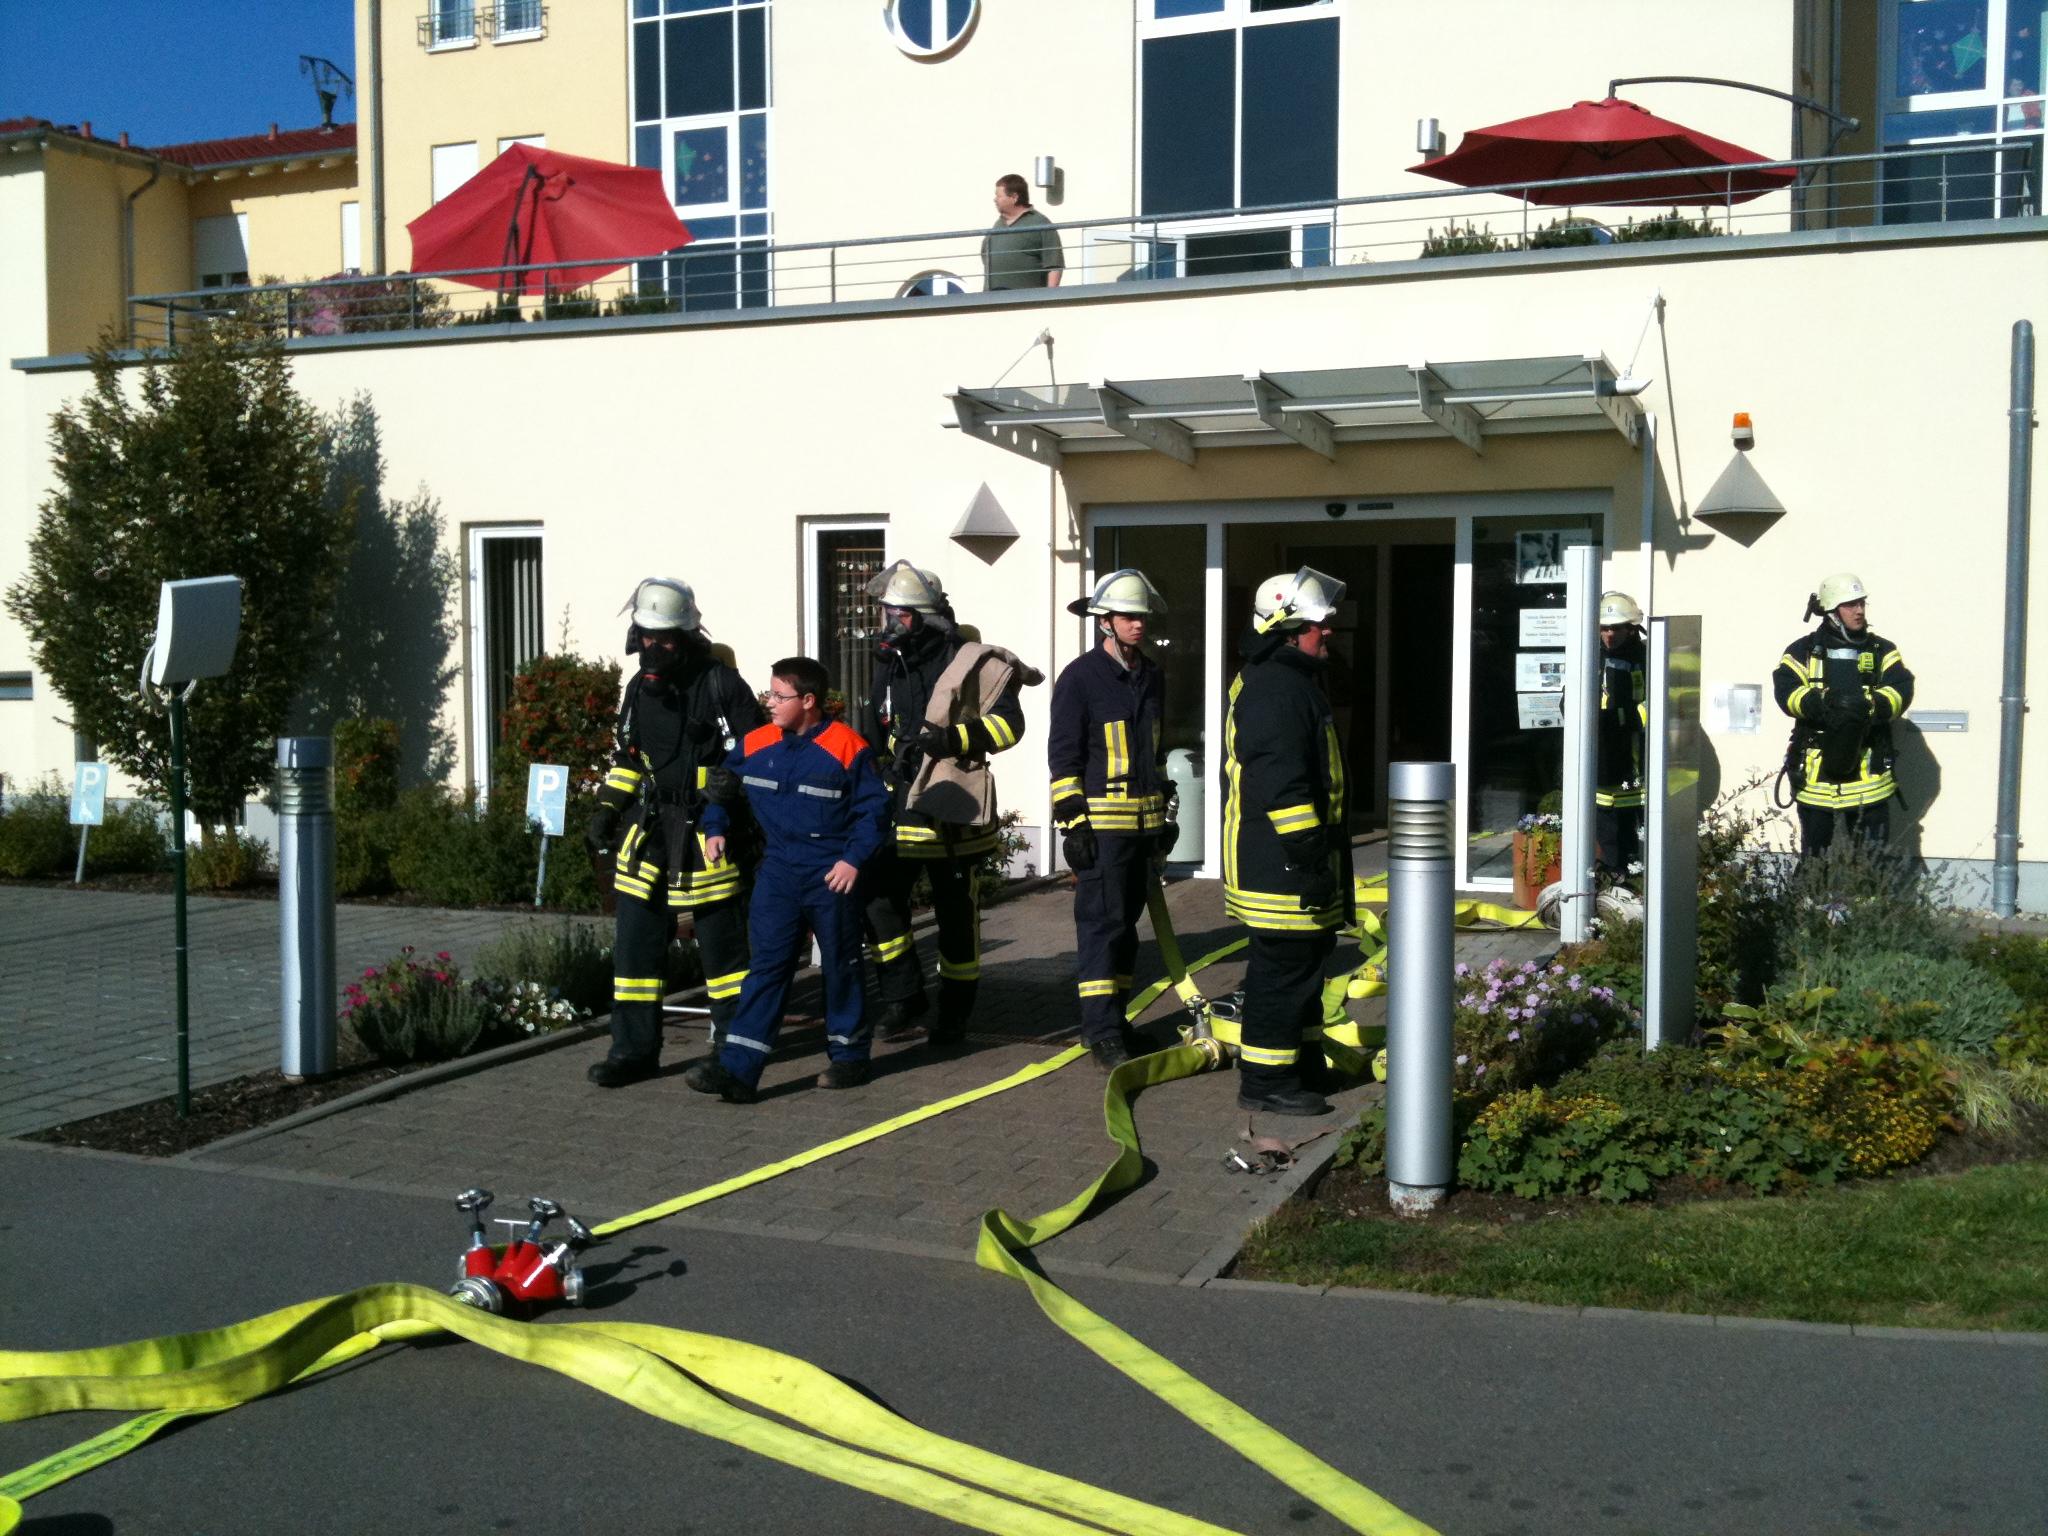 Gut zu wissen, dass Sie da sind wenn man Sie brauch: Die Freiwillige Feuerwehr Wadgassen hat bei der Jahreshauptübung 2011 wieder einmal Einsatzfähigkeit unserer Feuerwehr unter Beweis gestellt.